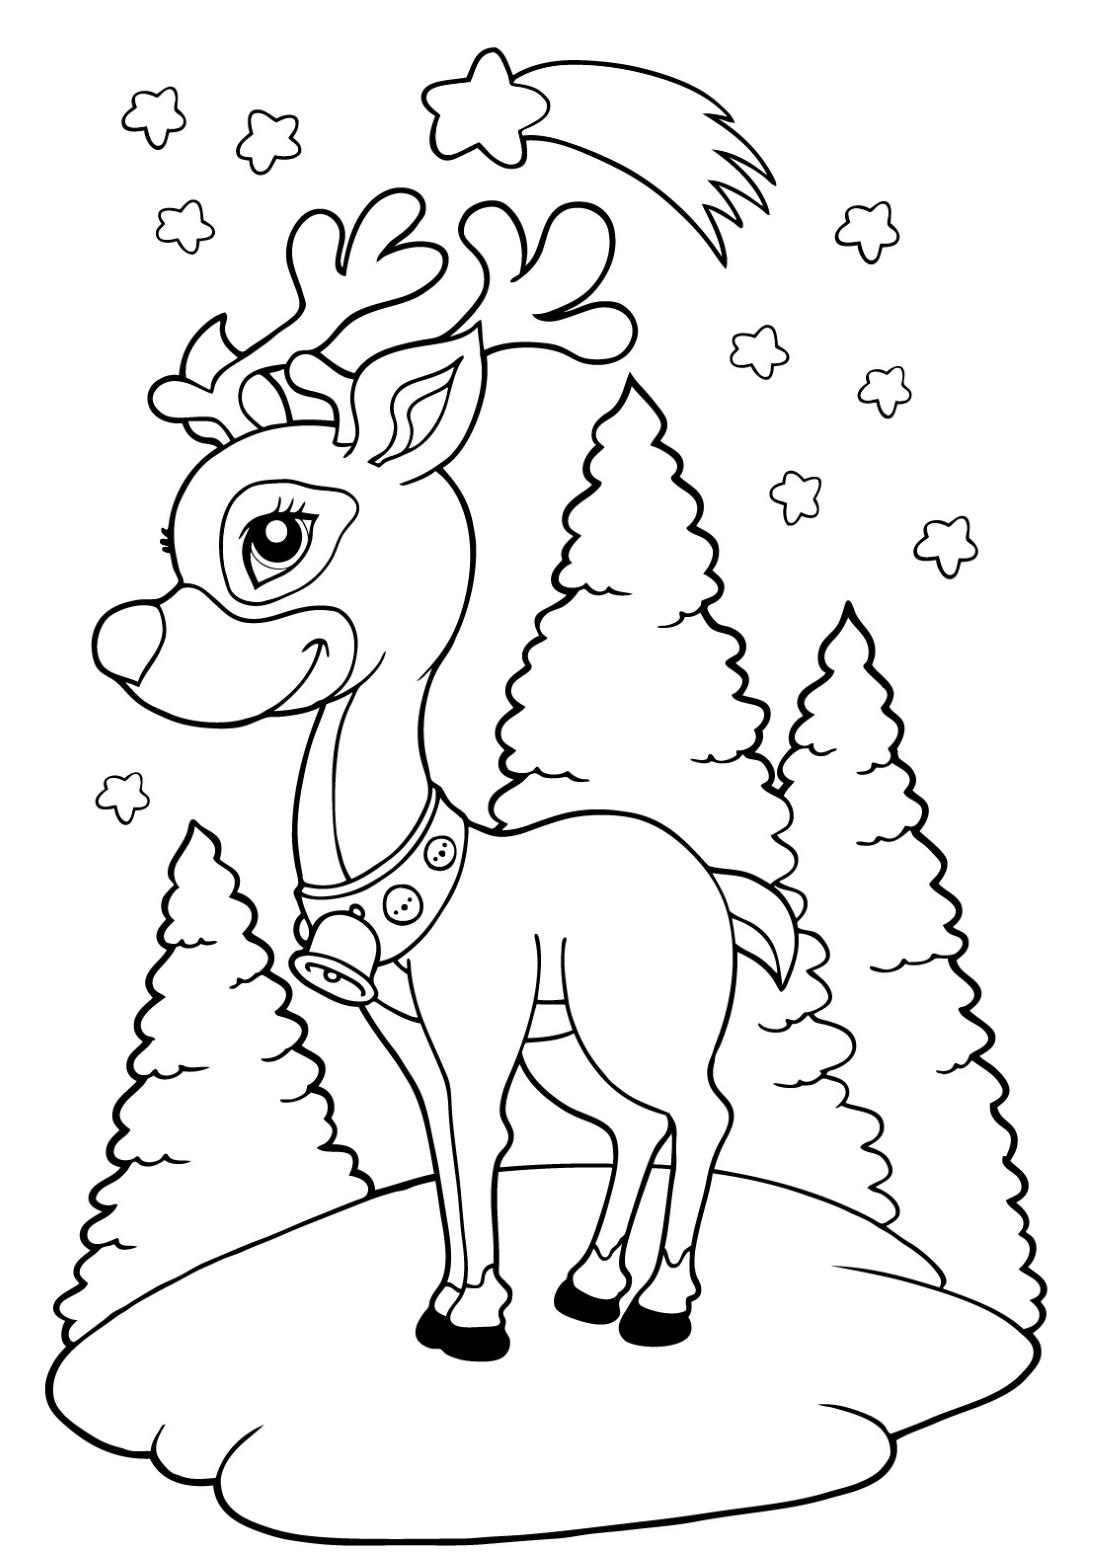 раскраска новогодний олень распечатать бесплатно